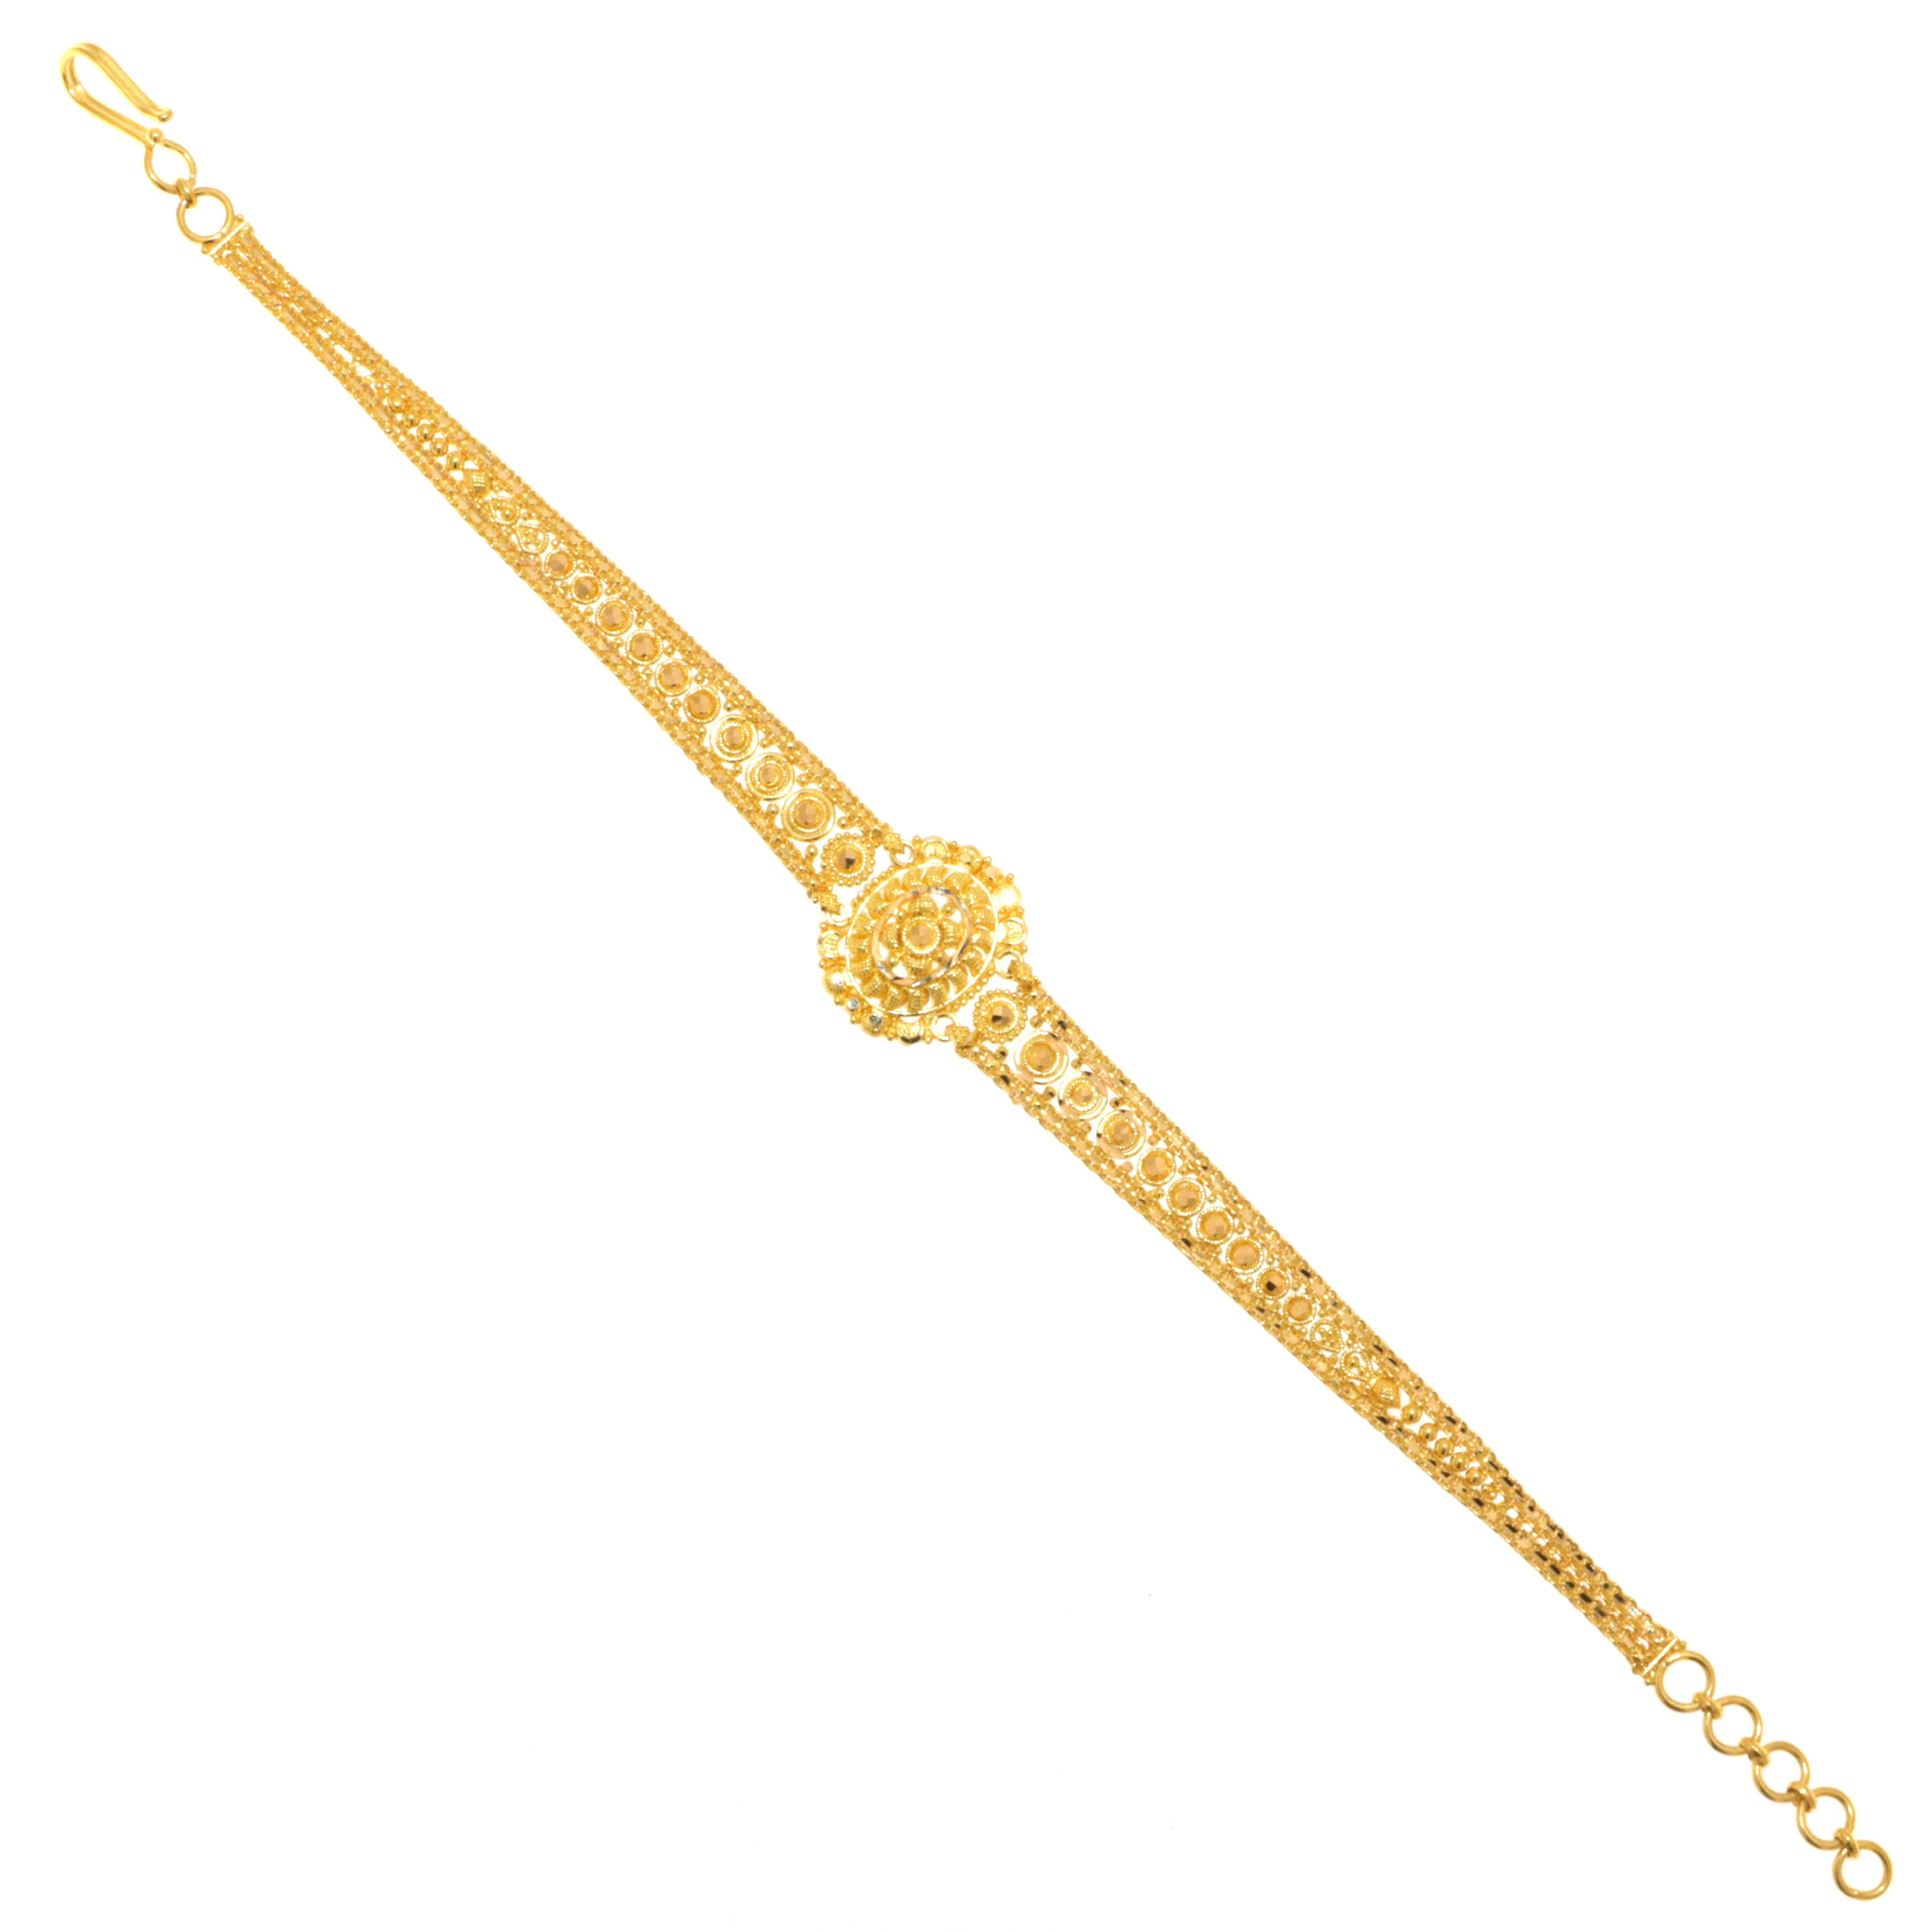 Bracelet6-3Best.Jpg